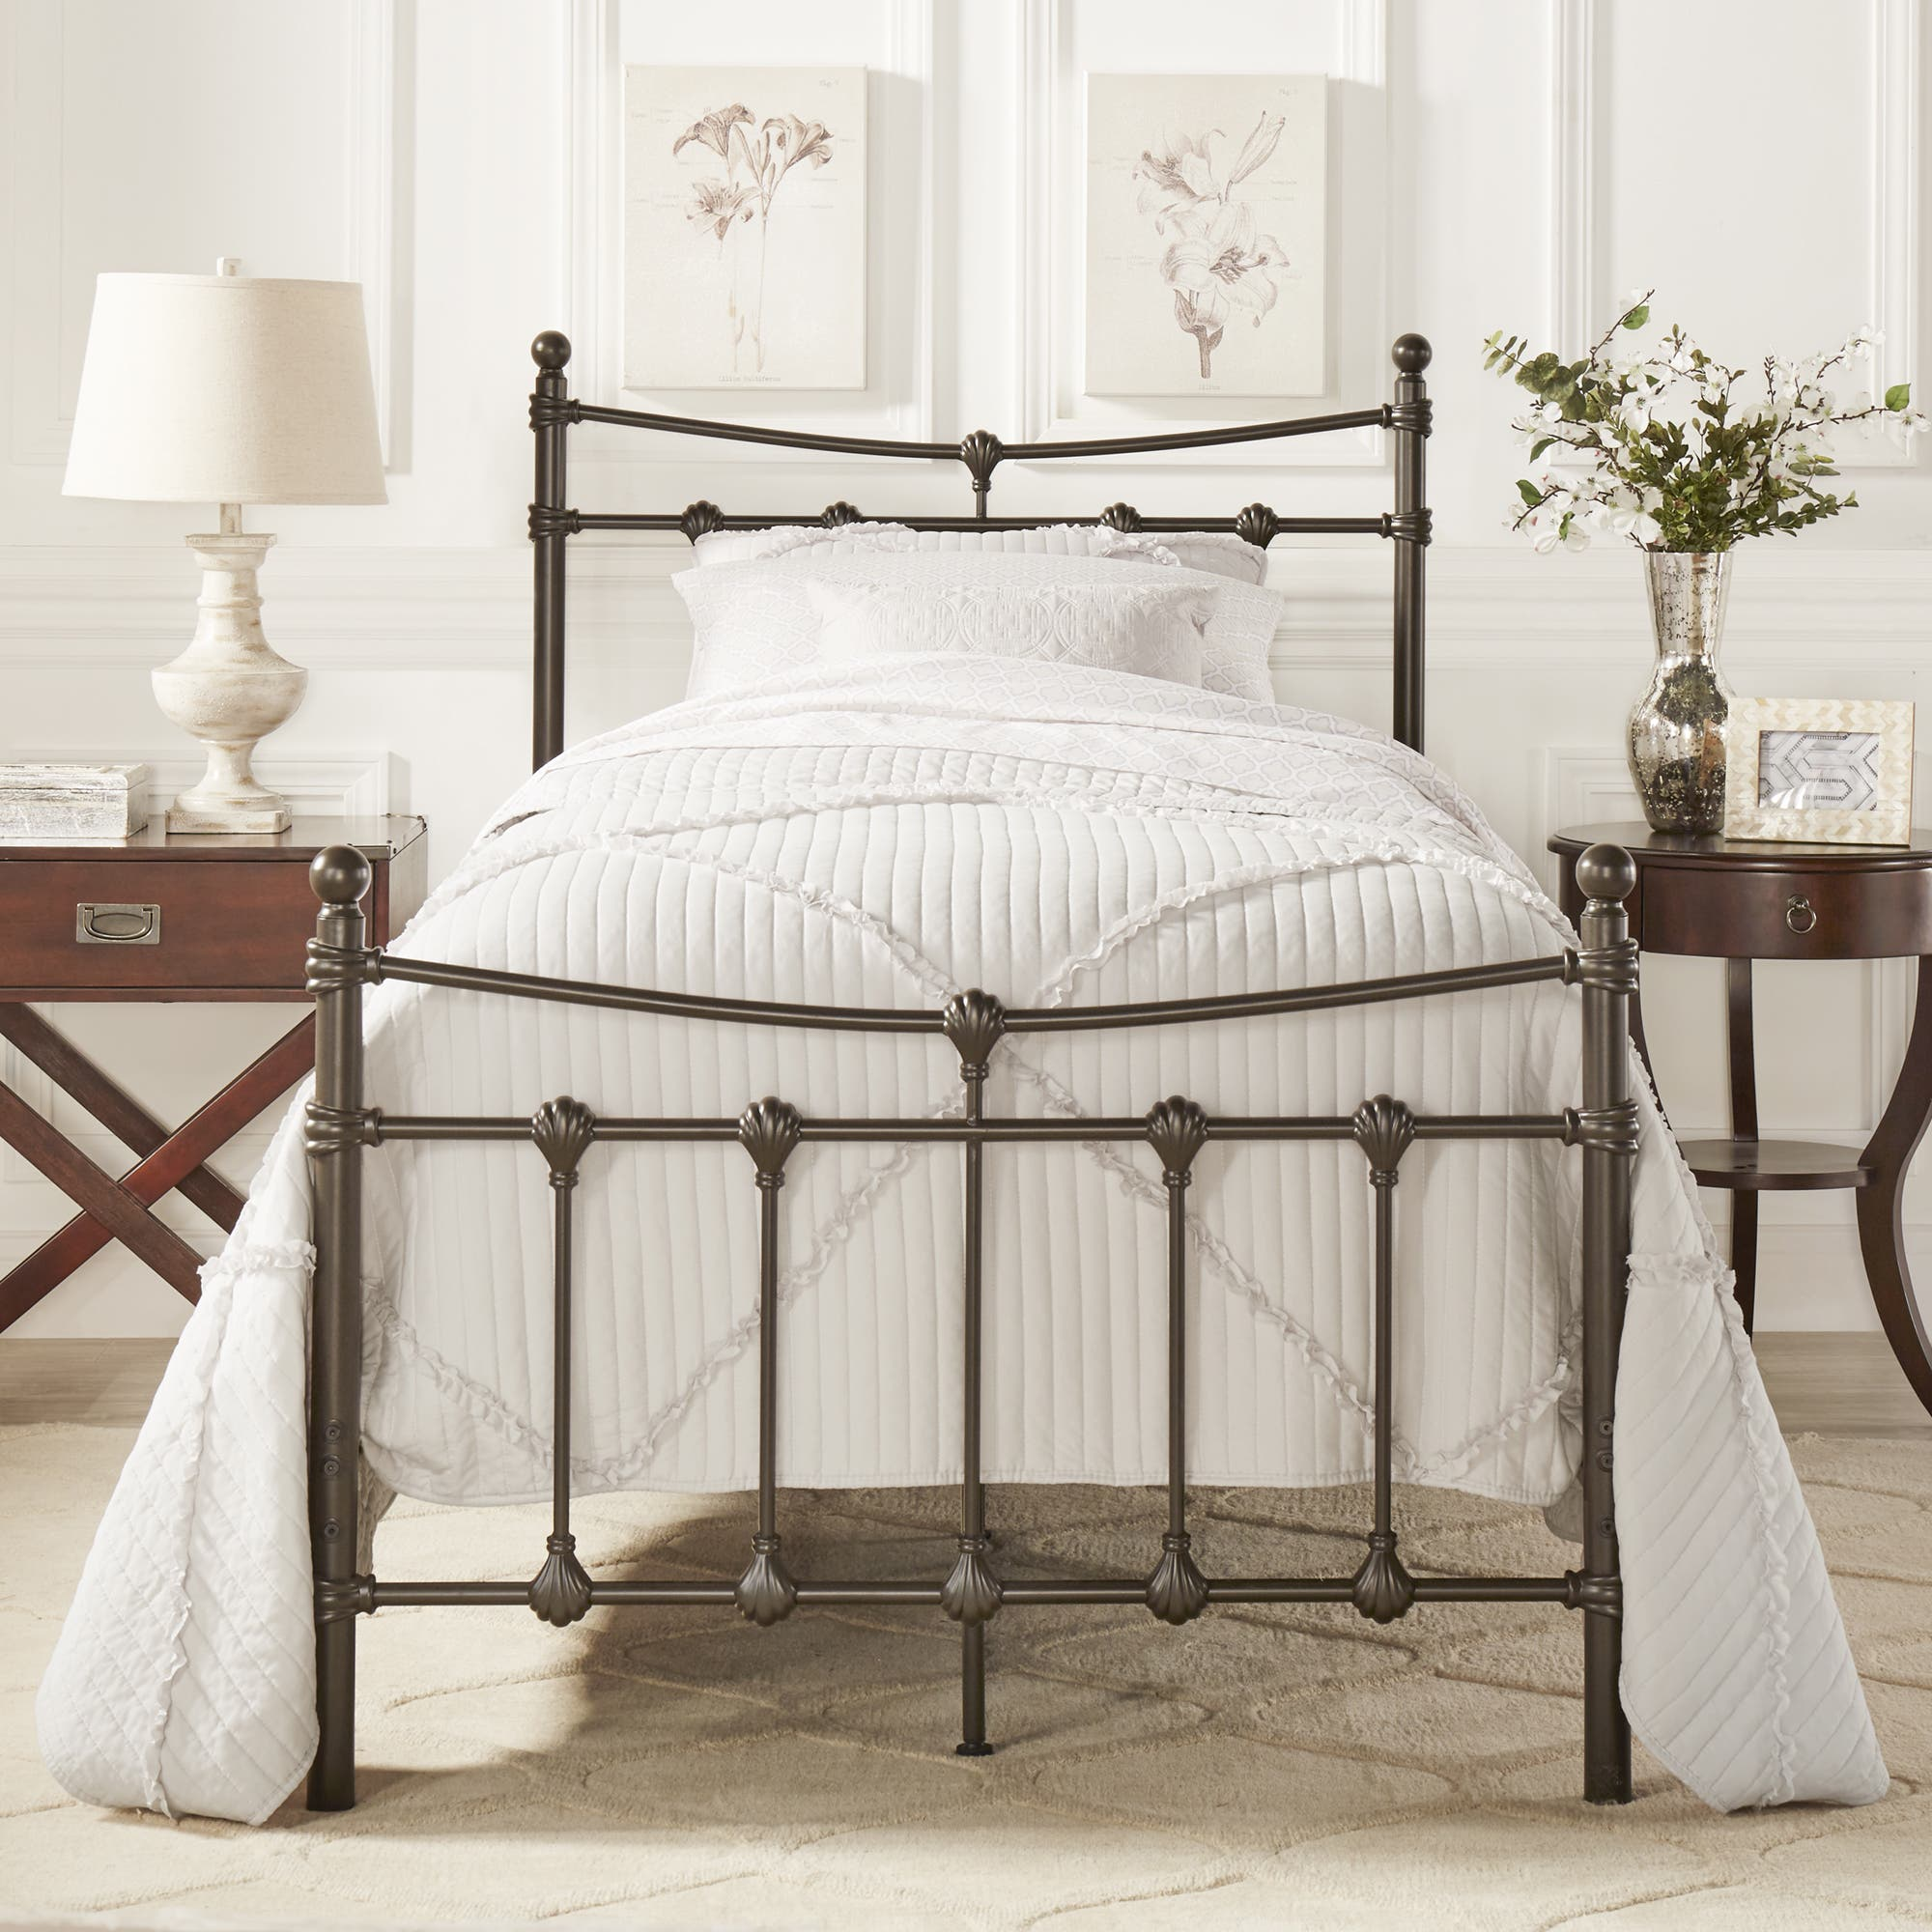 Best Furniture Deals Online: Buy Beds Online At Overstock